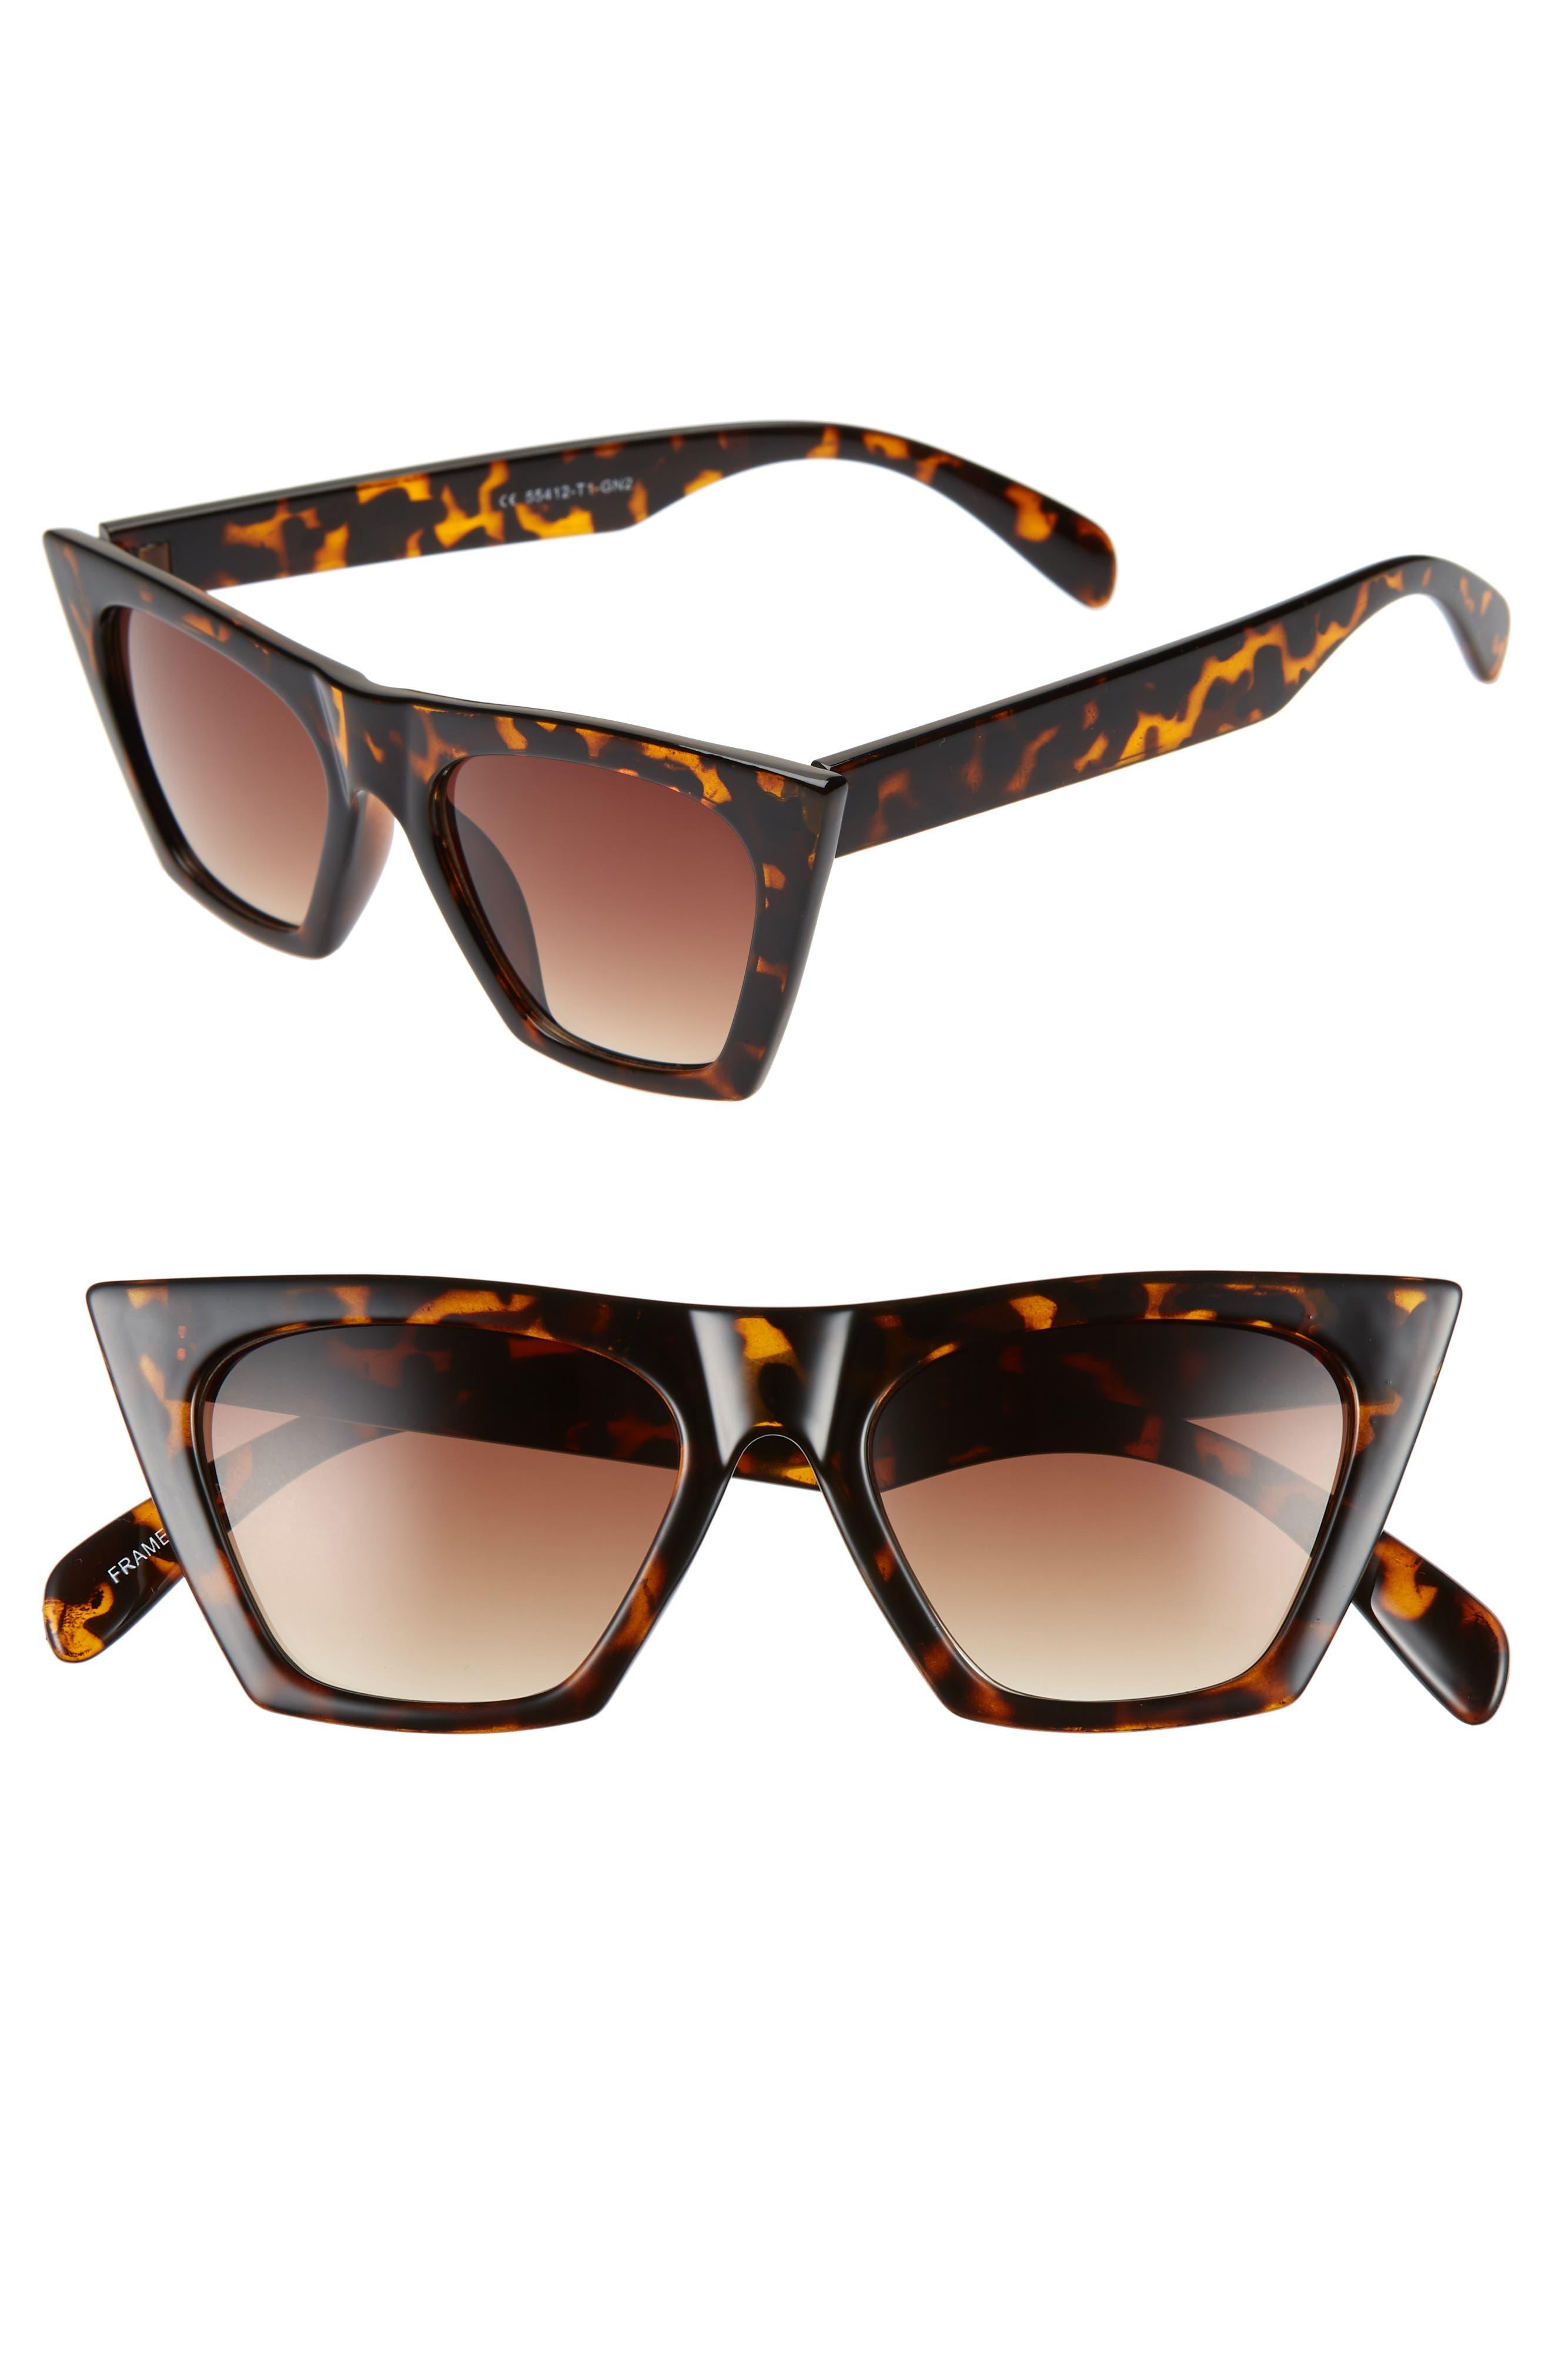 50mm Square Cat Eye Sunglasses,                             Main thumbnail 1, color,                             TORTOISE